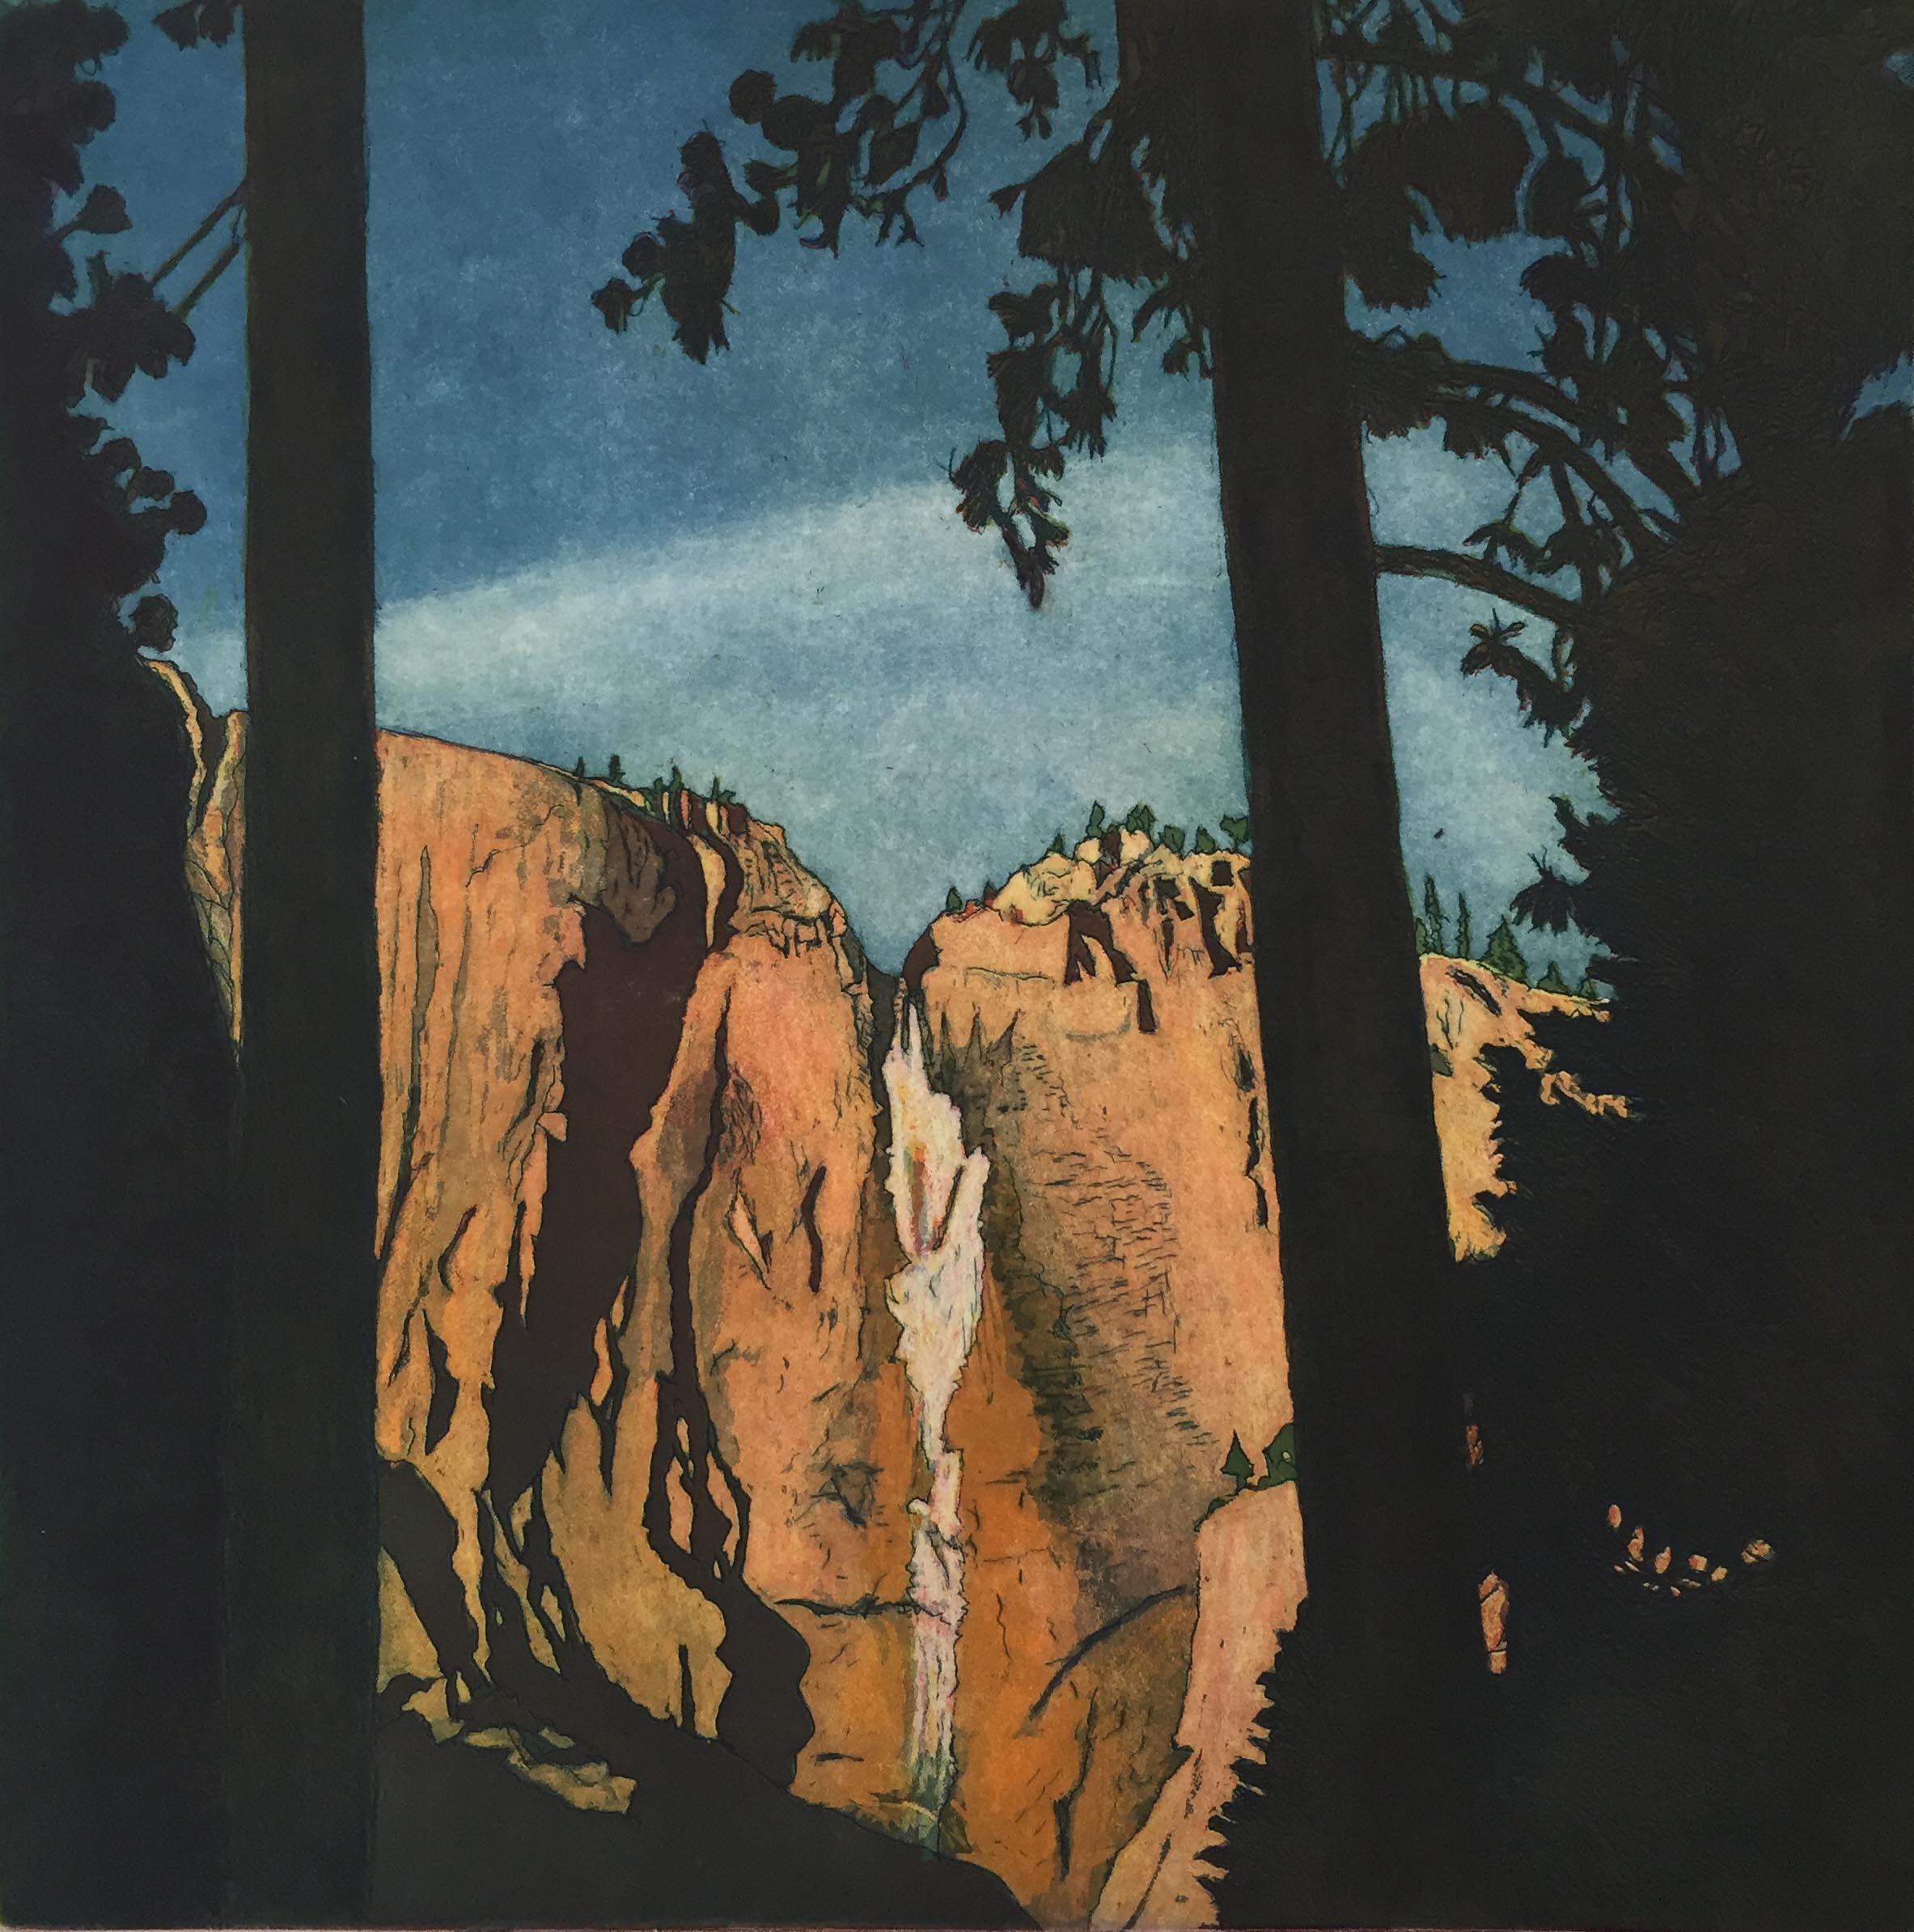 World Views VII: Winter Waterfall - Yosemite